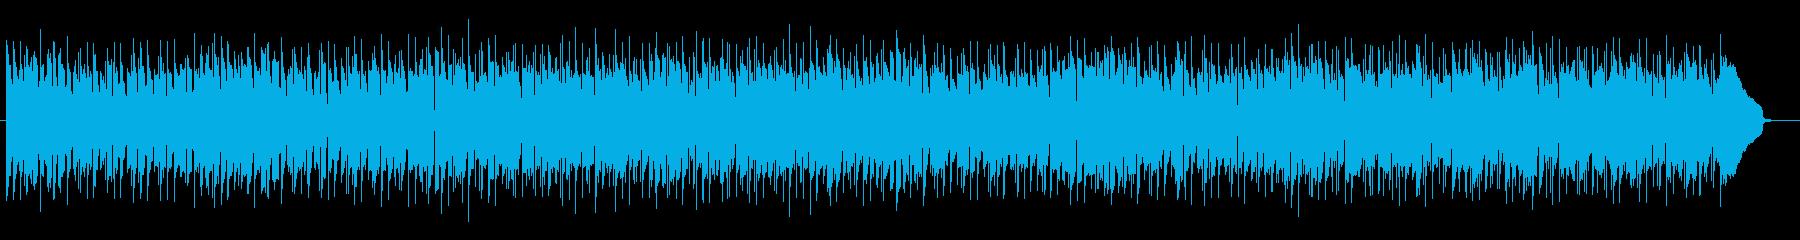 穏やかで温もりあるピアノポップサウンドの再生済みの波形